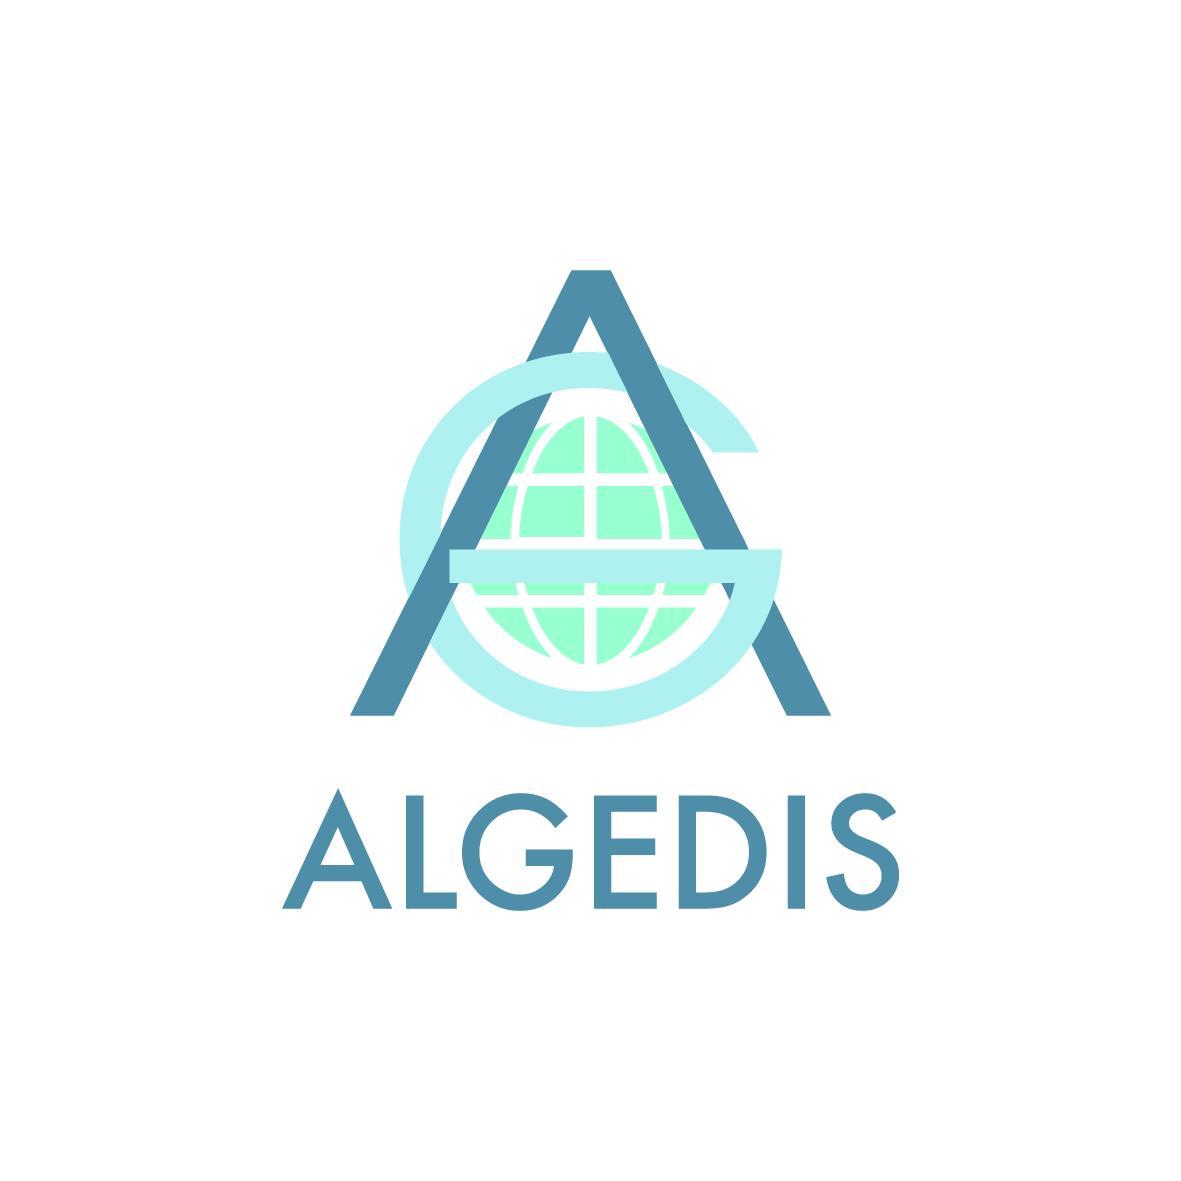 ALGEDIS logo